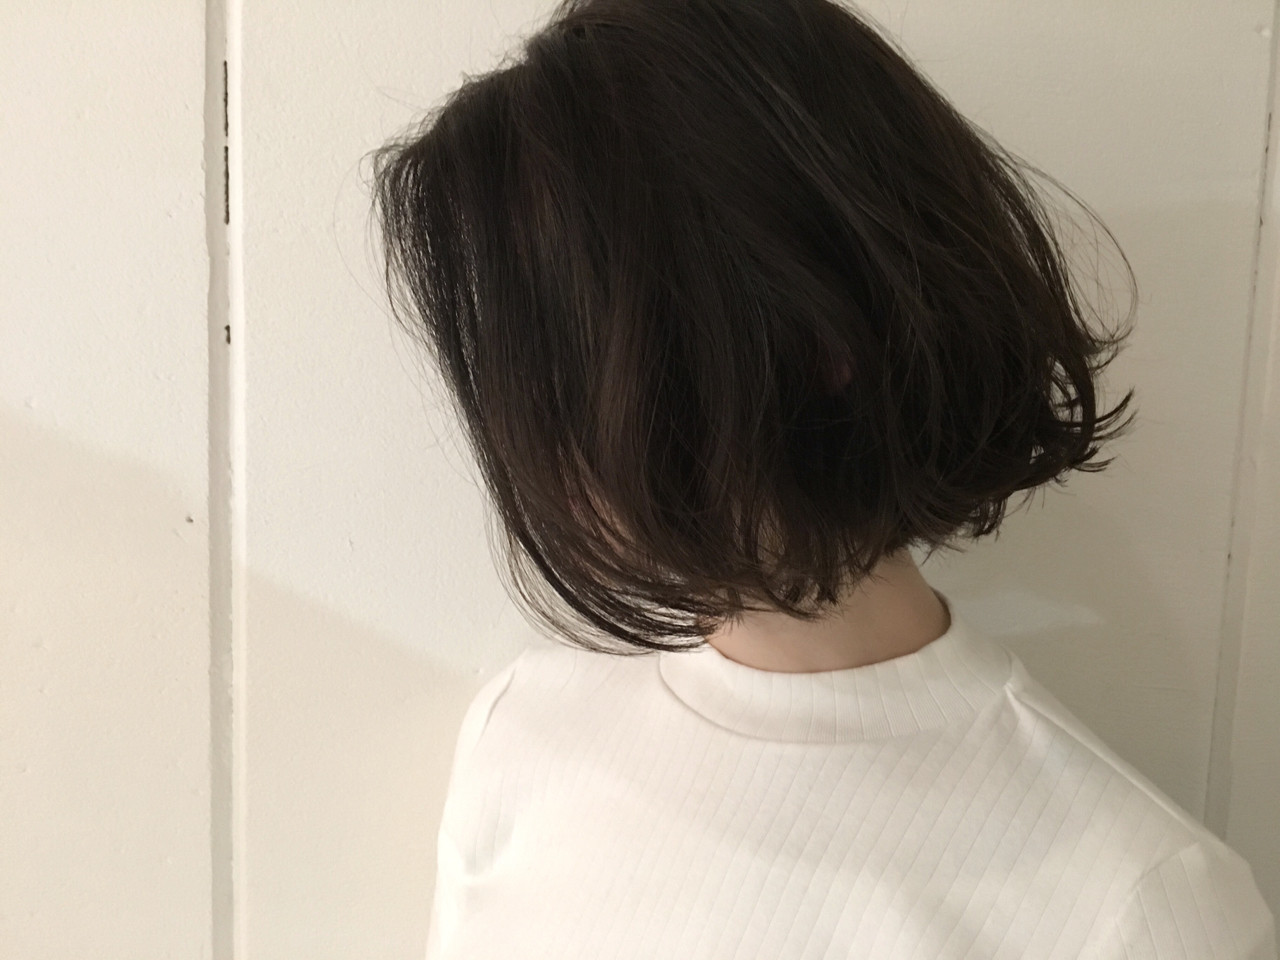 暗髪 アッシュ ボブ 外国人風 ヘアスタイルや髪型の写真・画像 | 杉谷 将也 / DiLL / DiLL